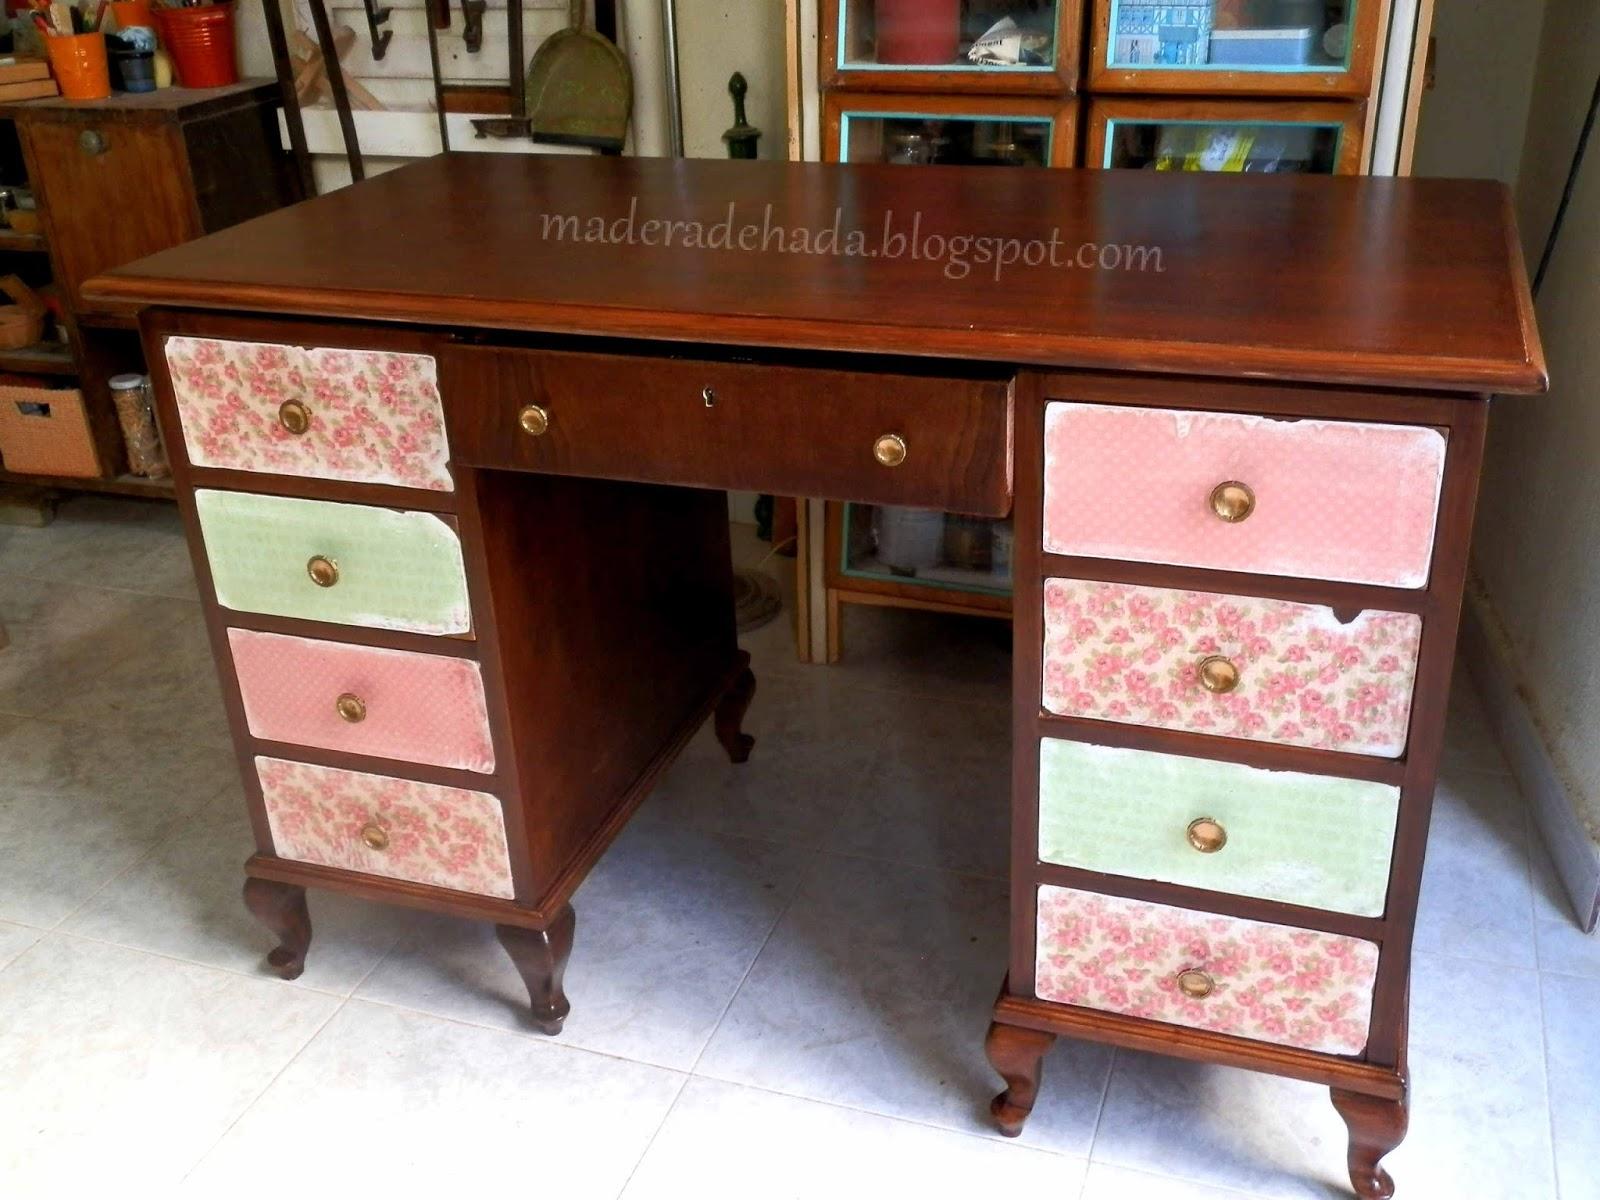 Como quitar la pintura a un mueble de madera madera de hada for Pintura de muebles de madera